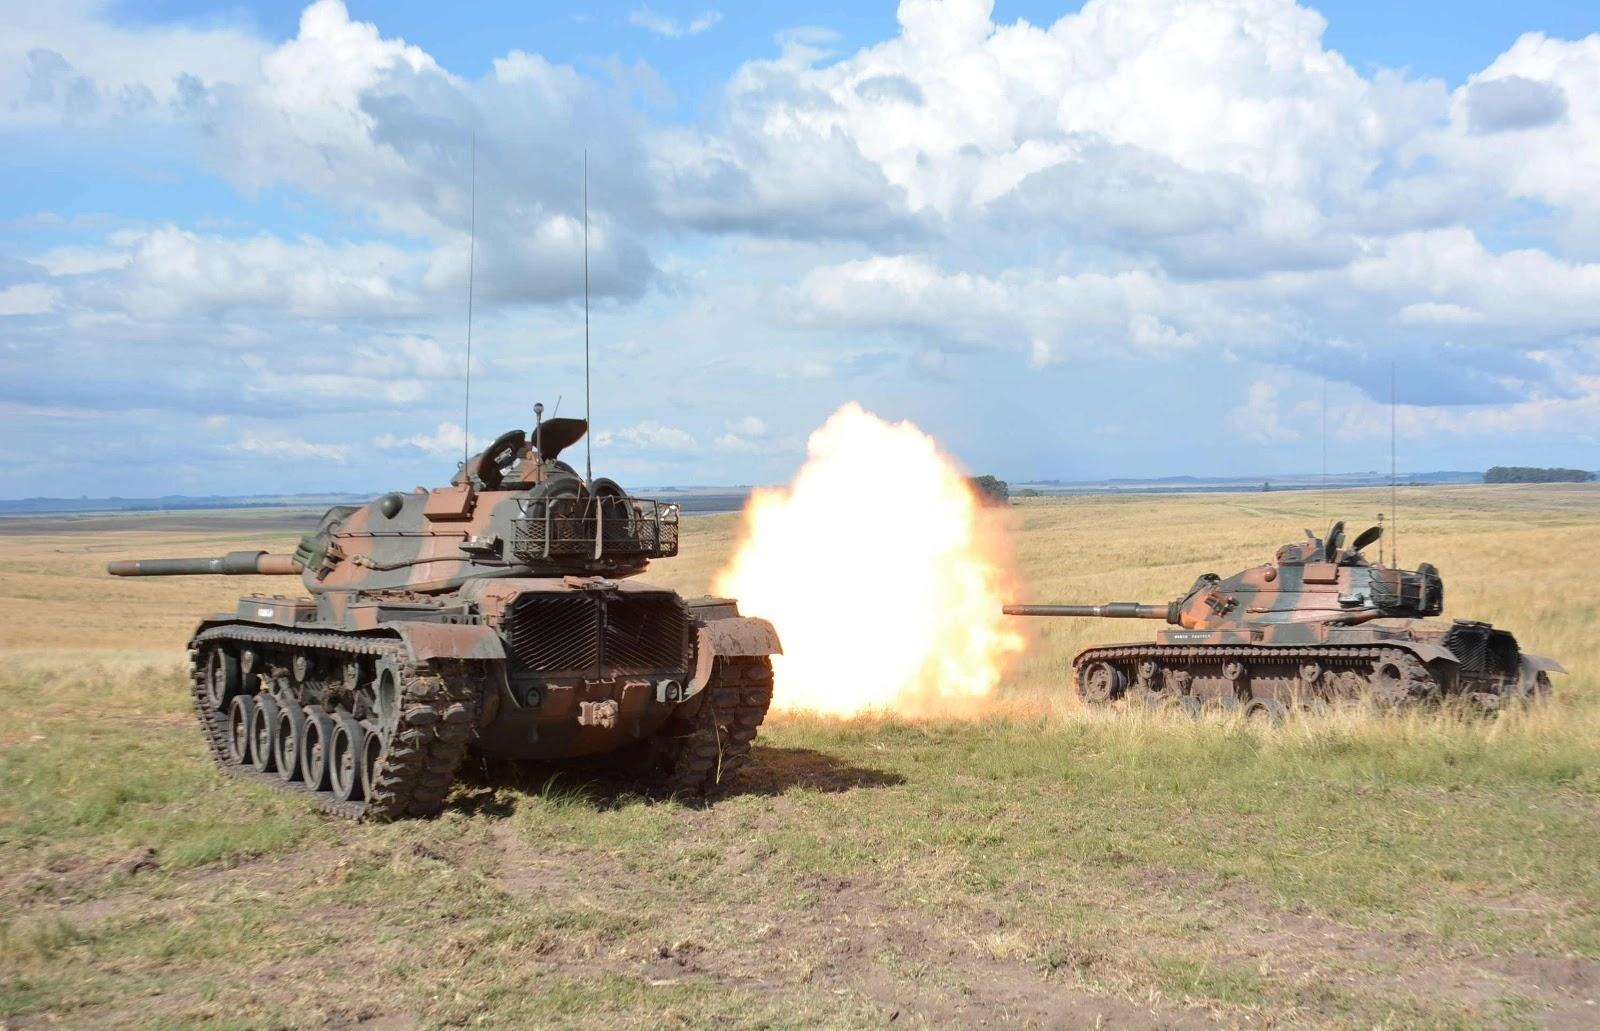 ЗІМ запропонував Бразилії модернізацію танка М60